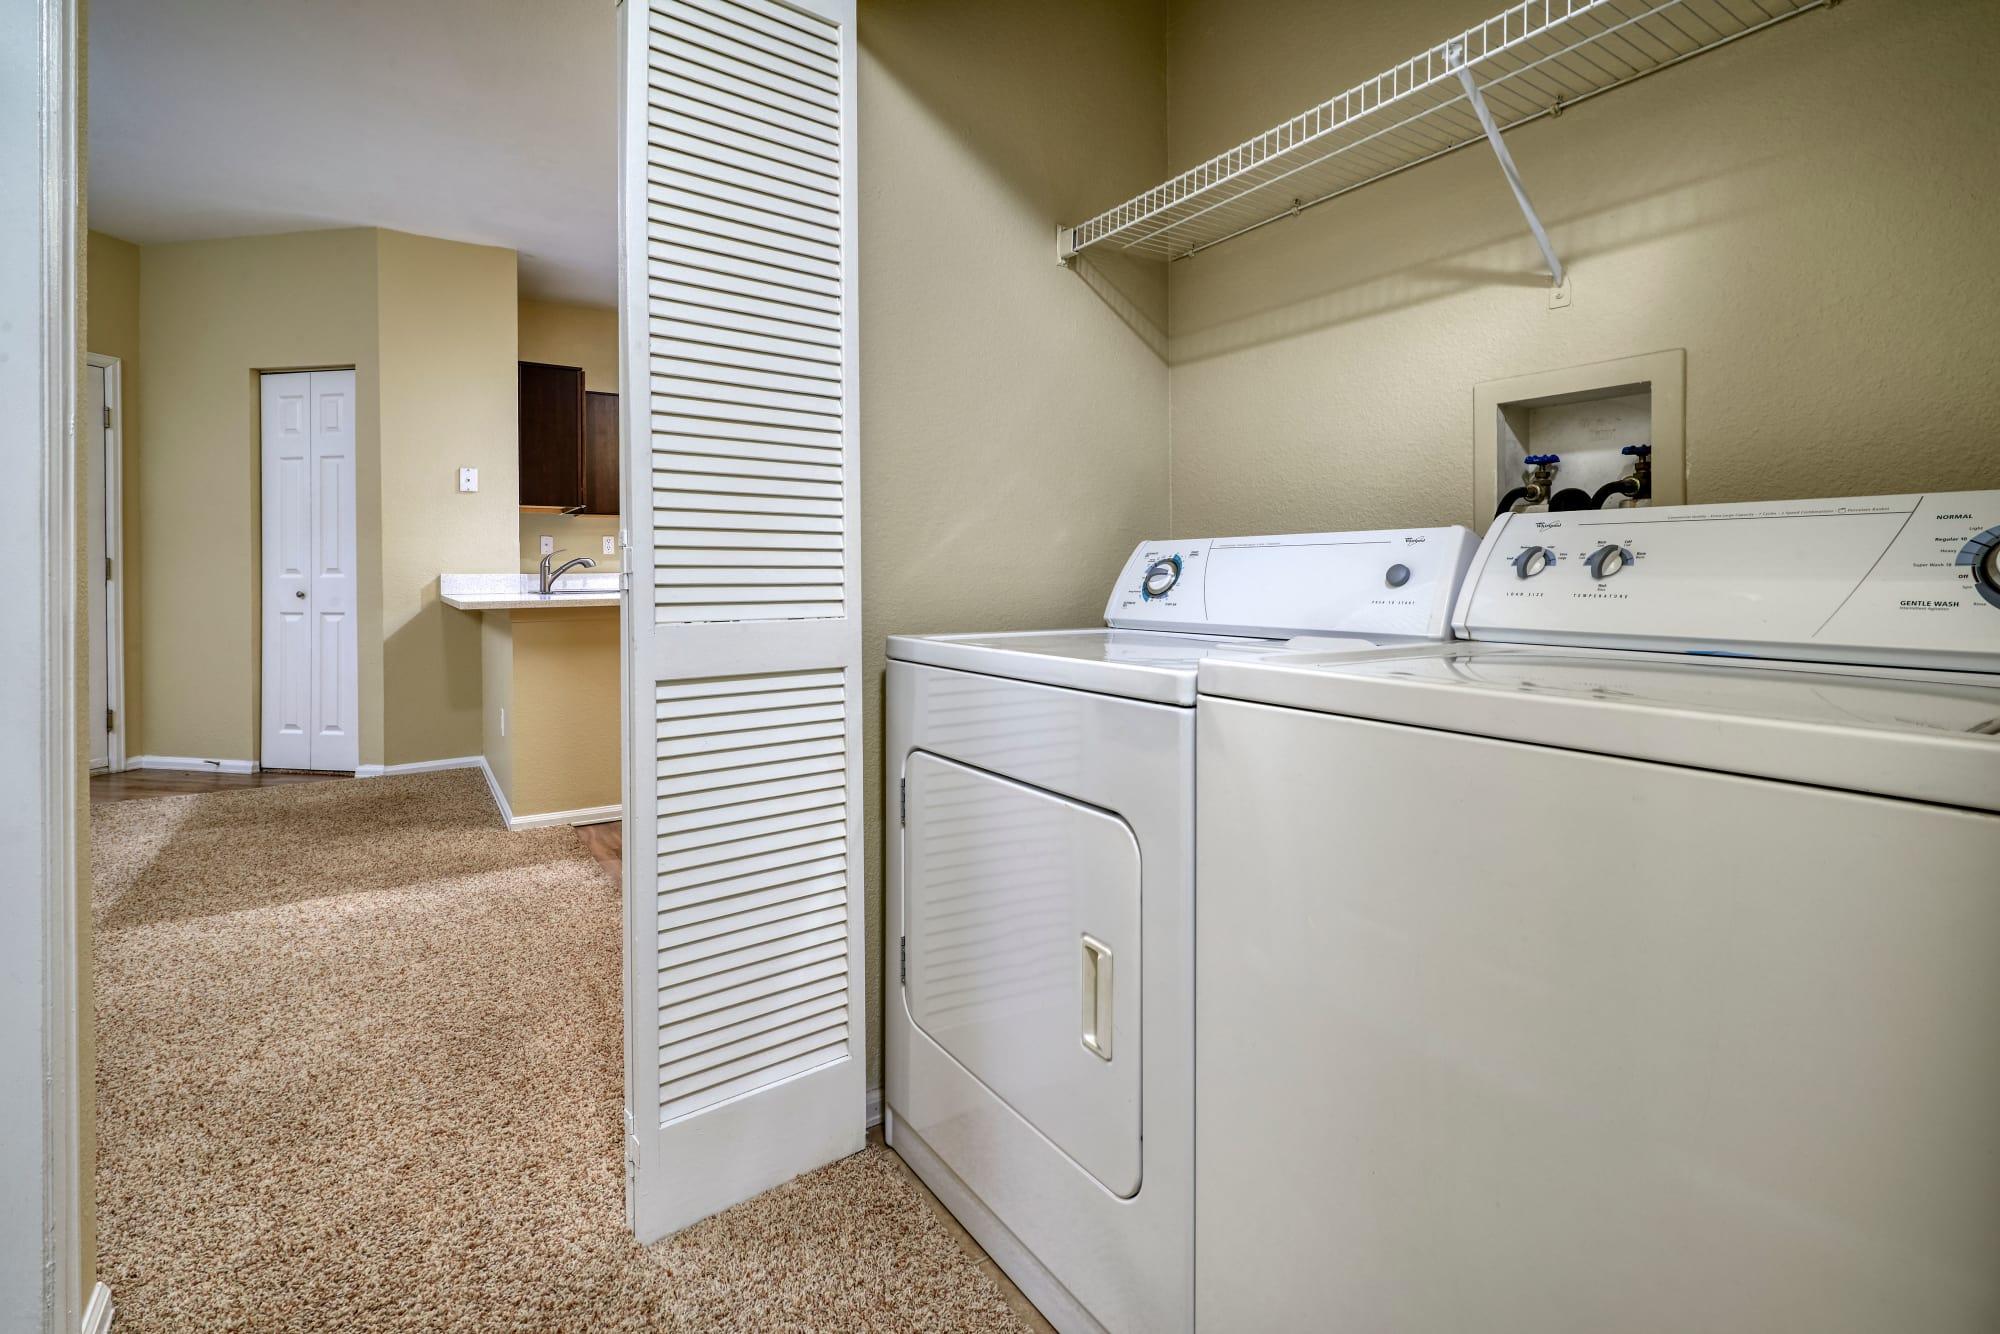 full-sized washer